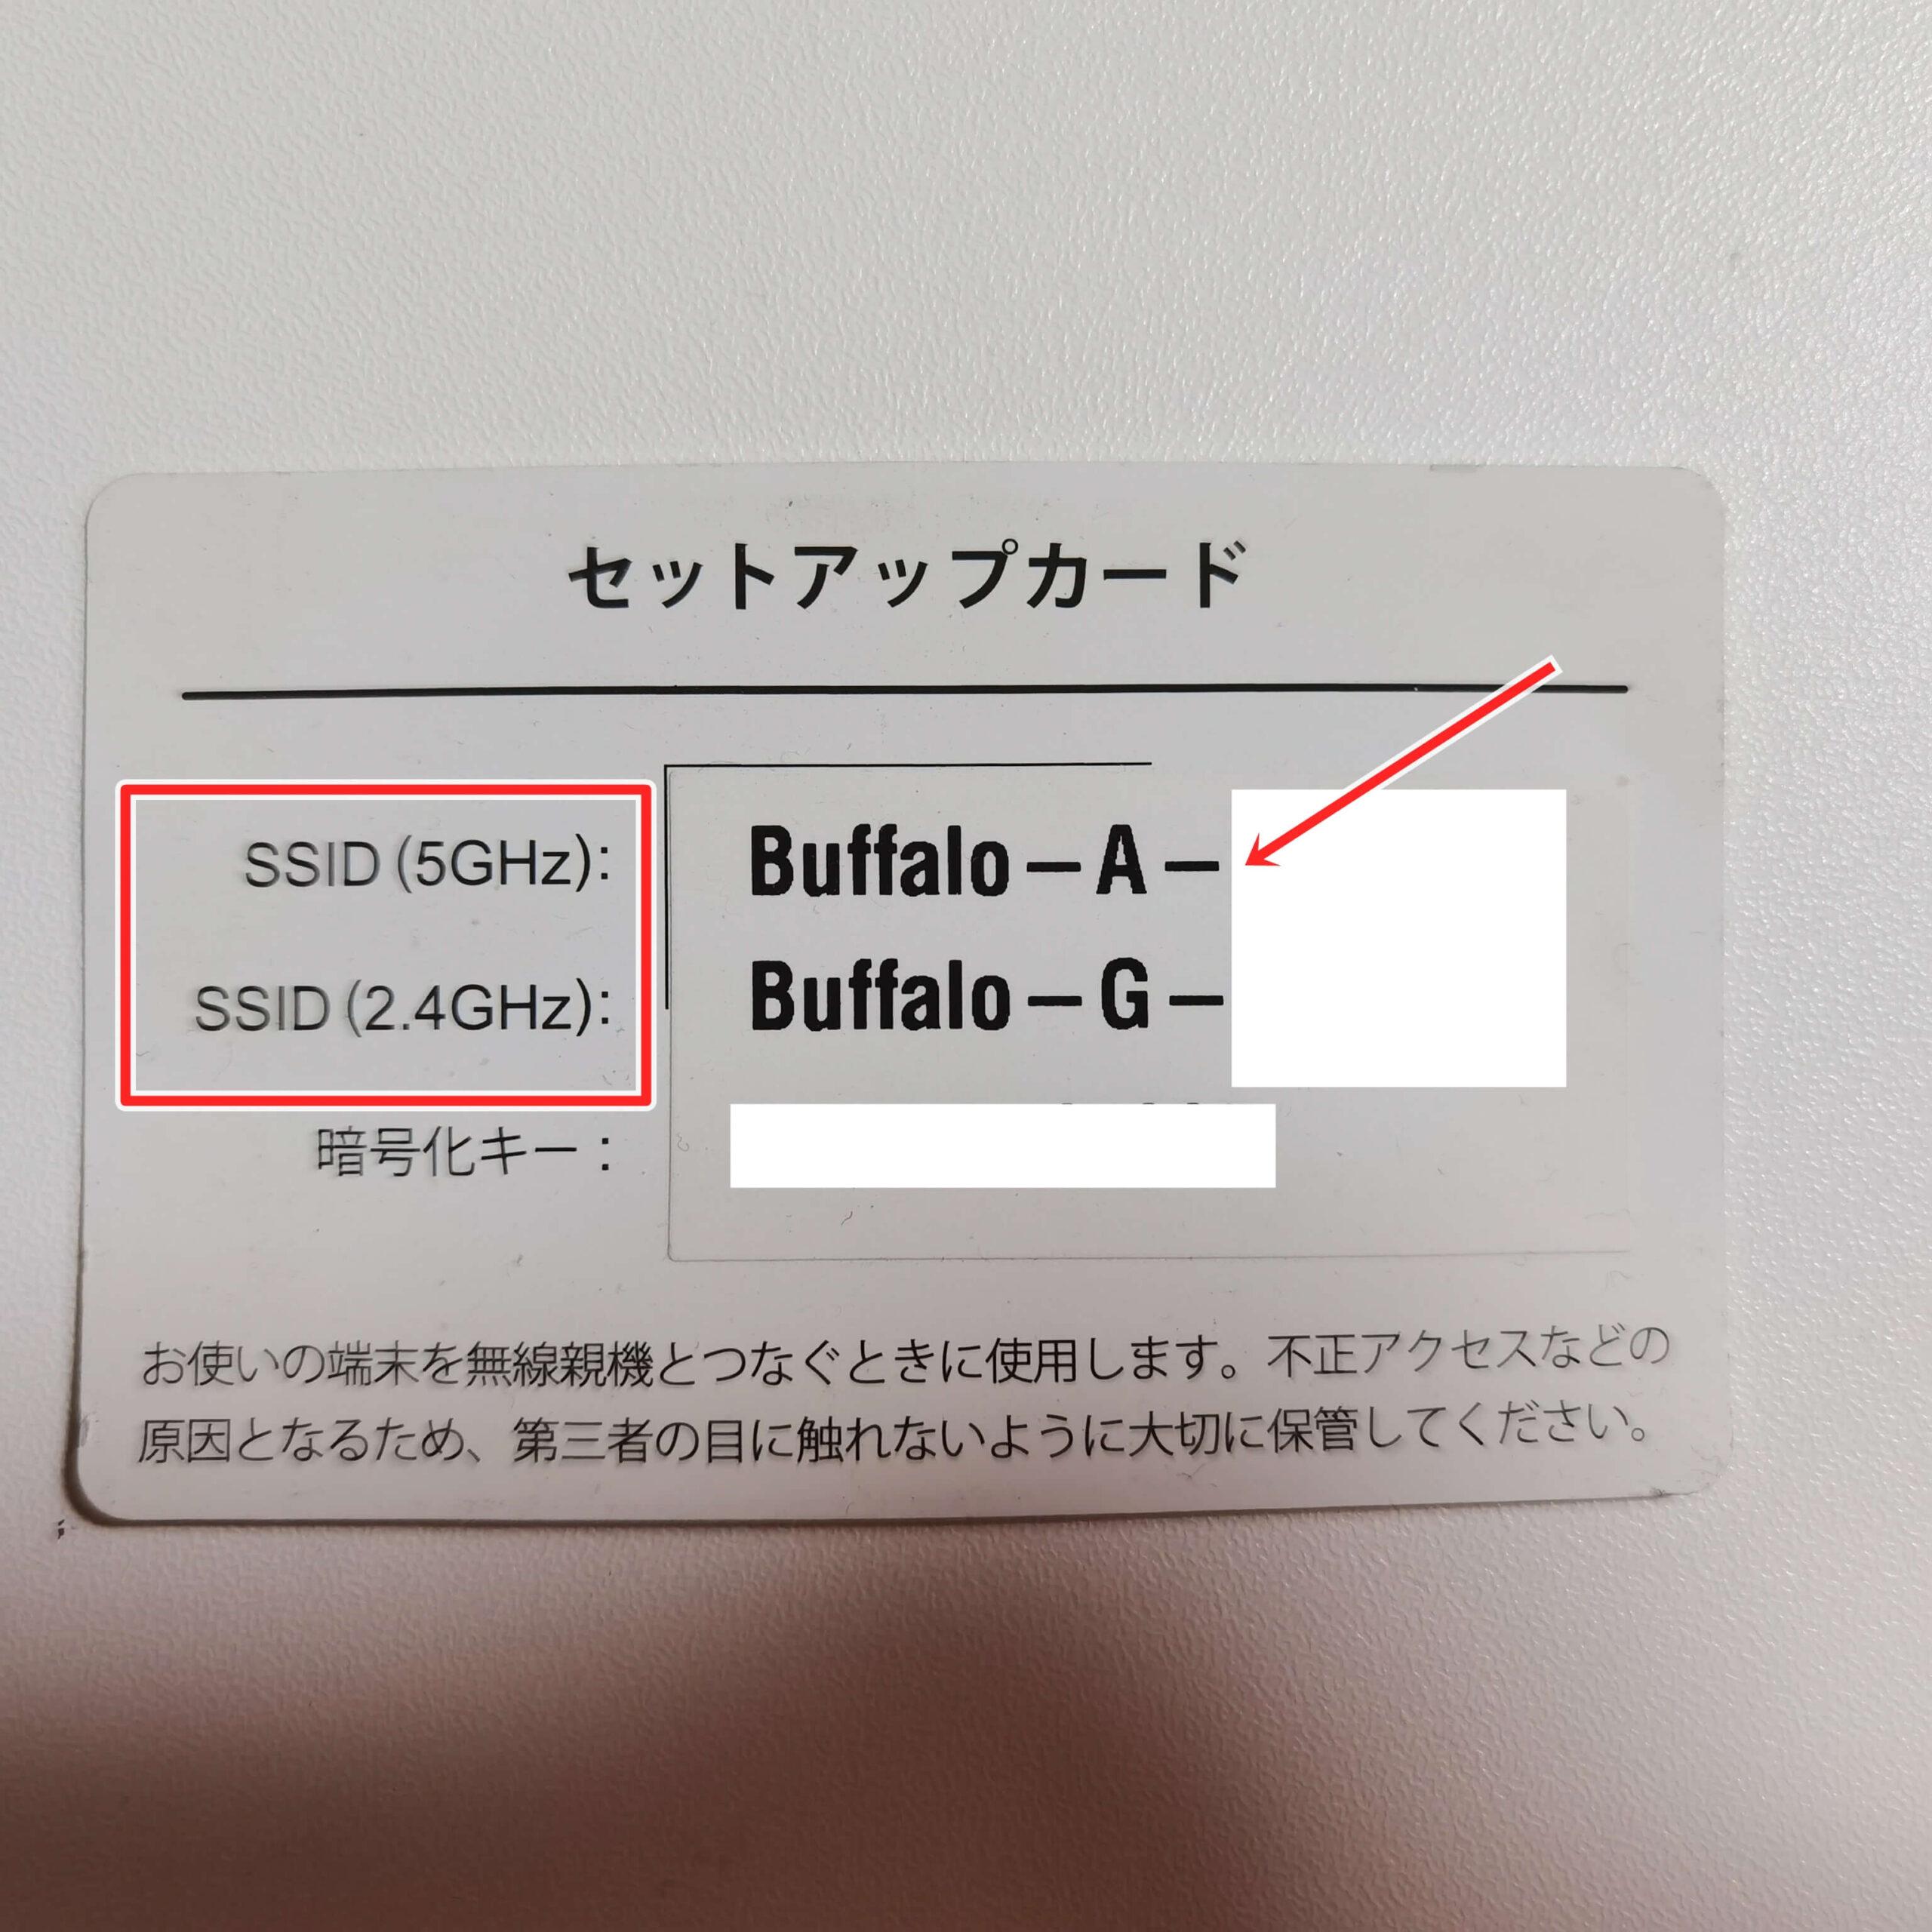 Wi-Fiルーターの表記